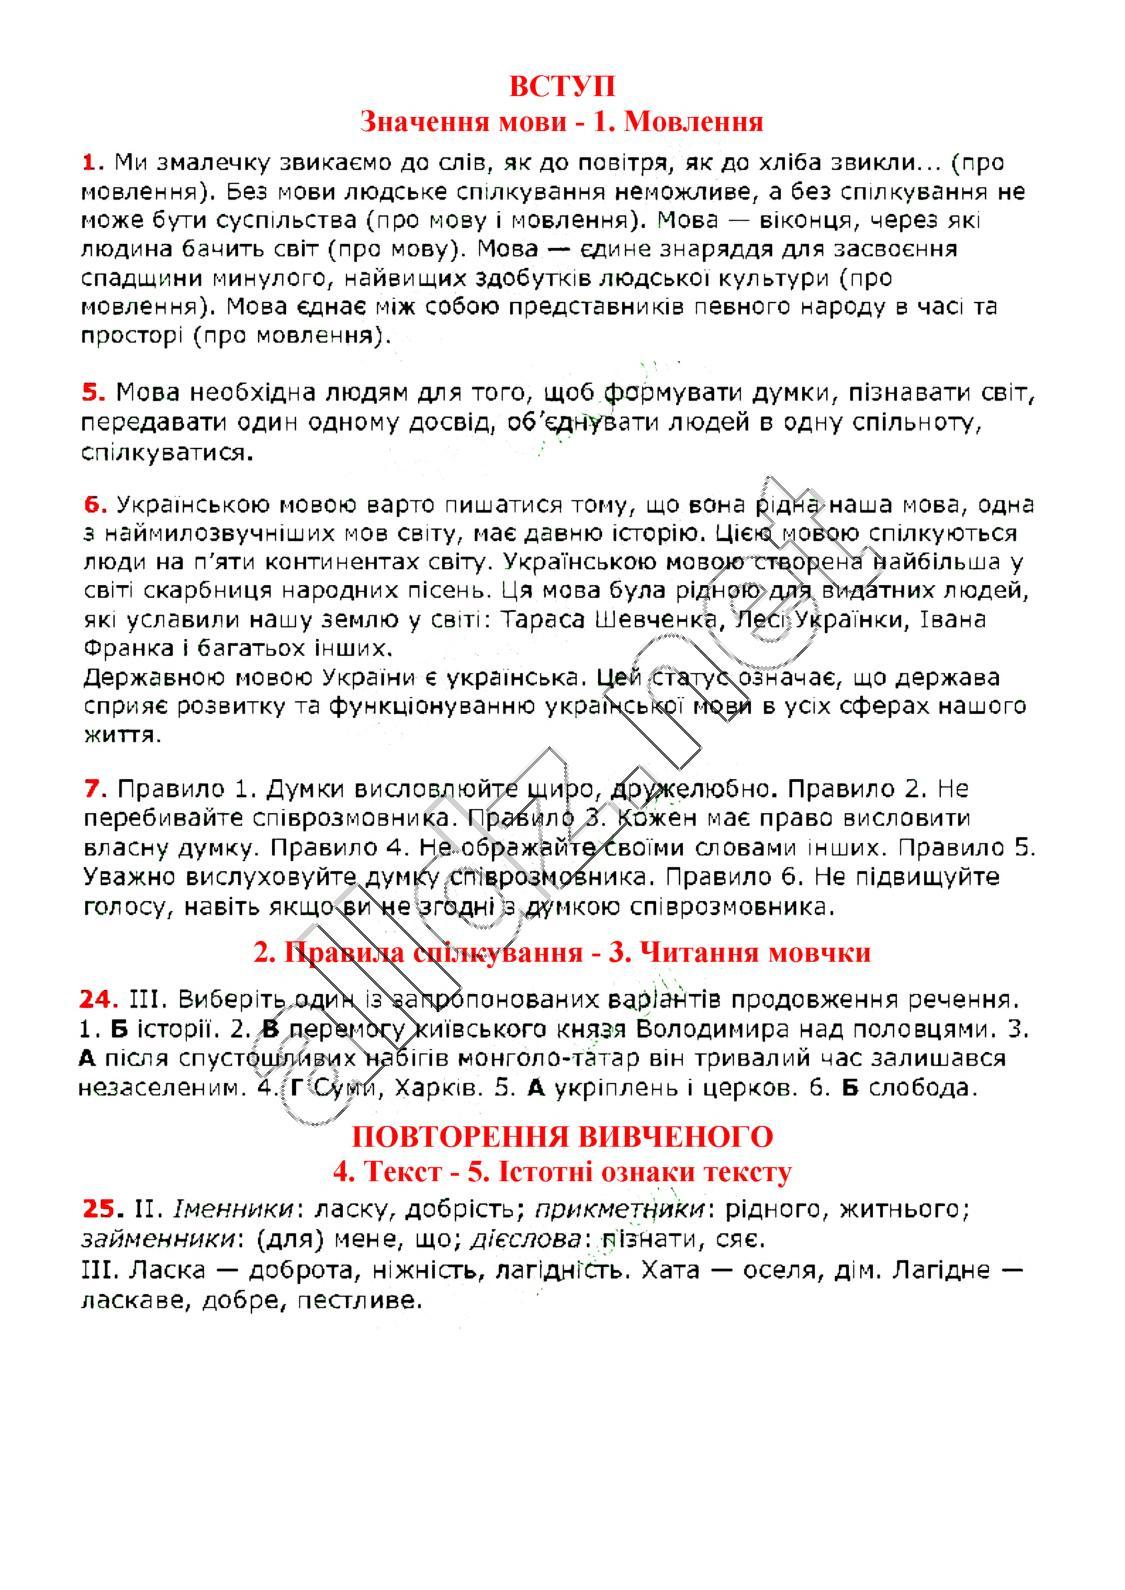 Решебник Українська мова 5 клас Заболотний 2018. ГДЗ.